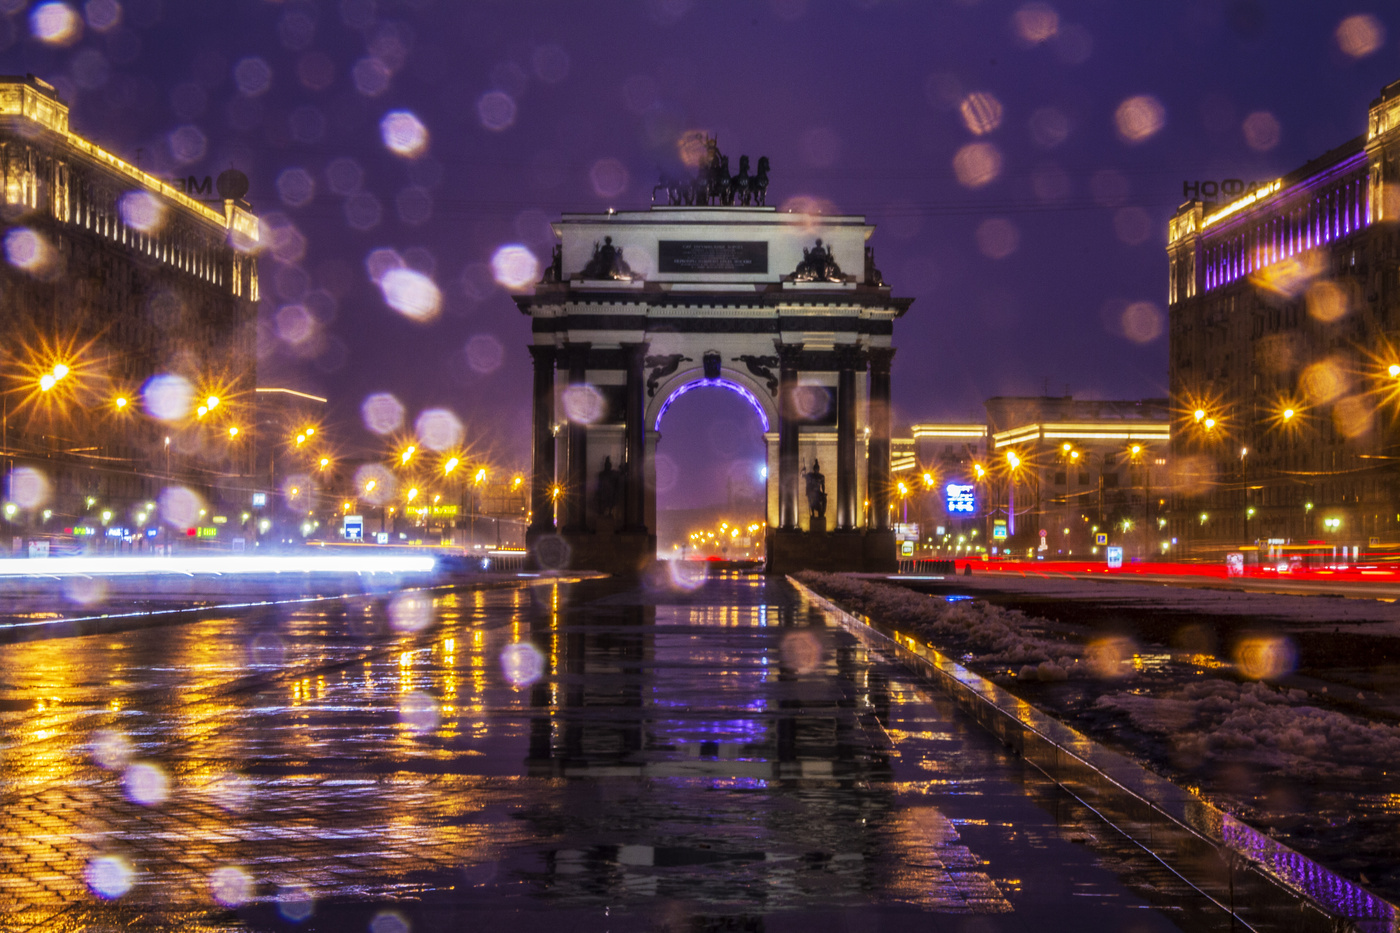 фото Триумфальной арки в Москве ночью